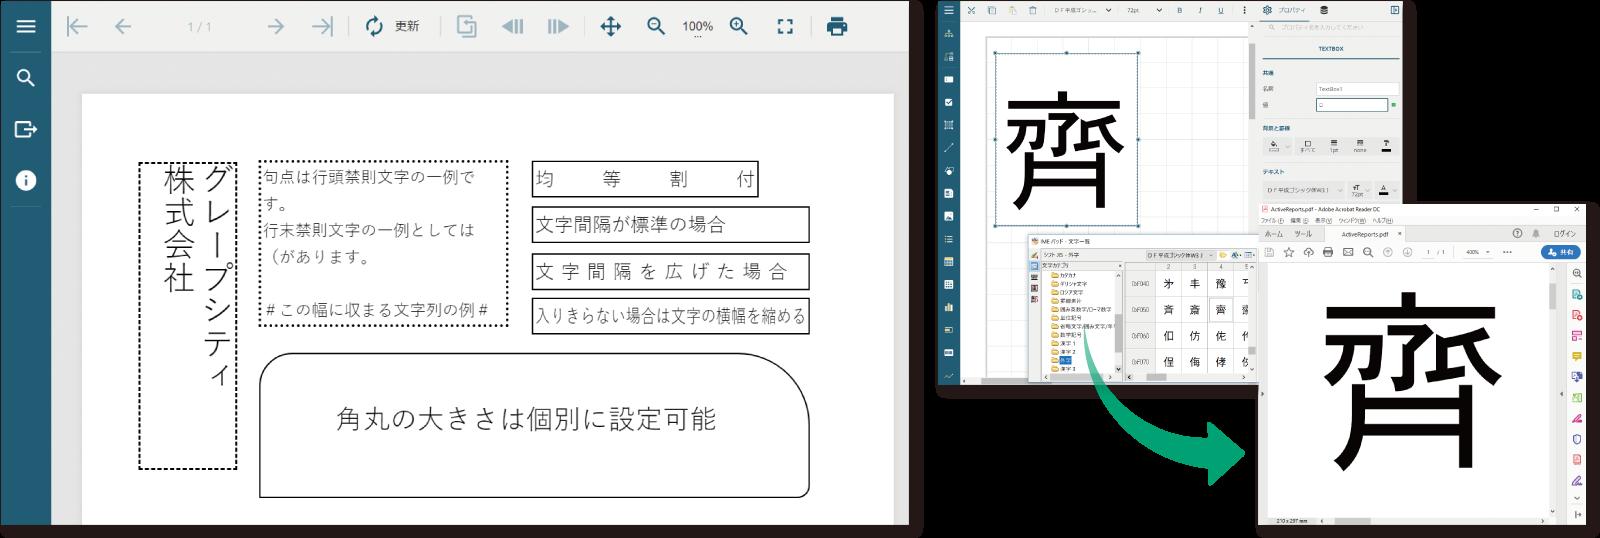 縦書きや均等割付など日本仕様に対応